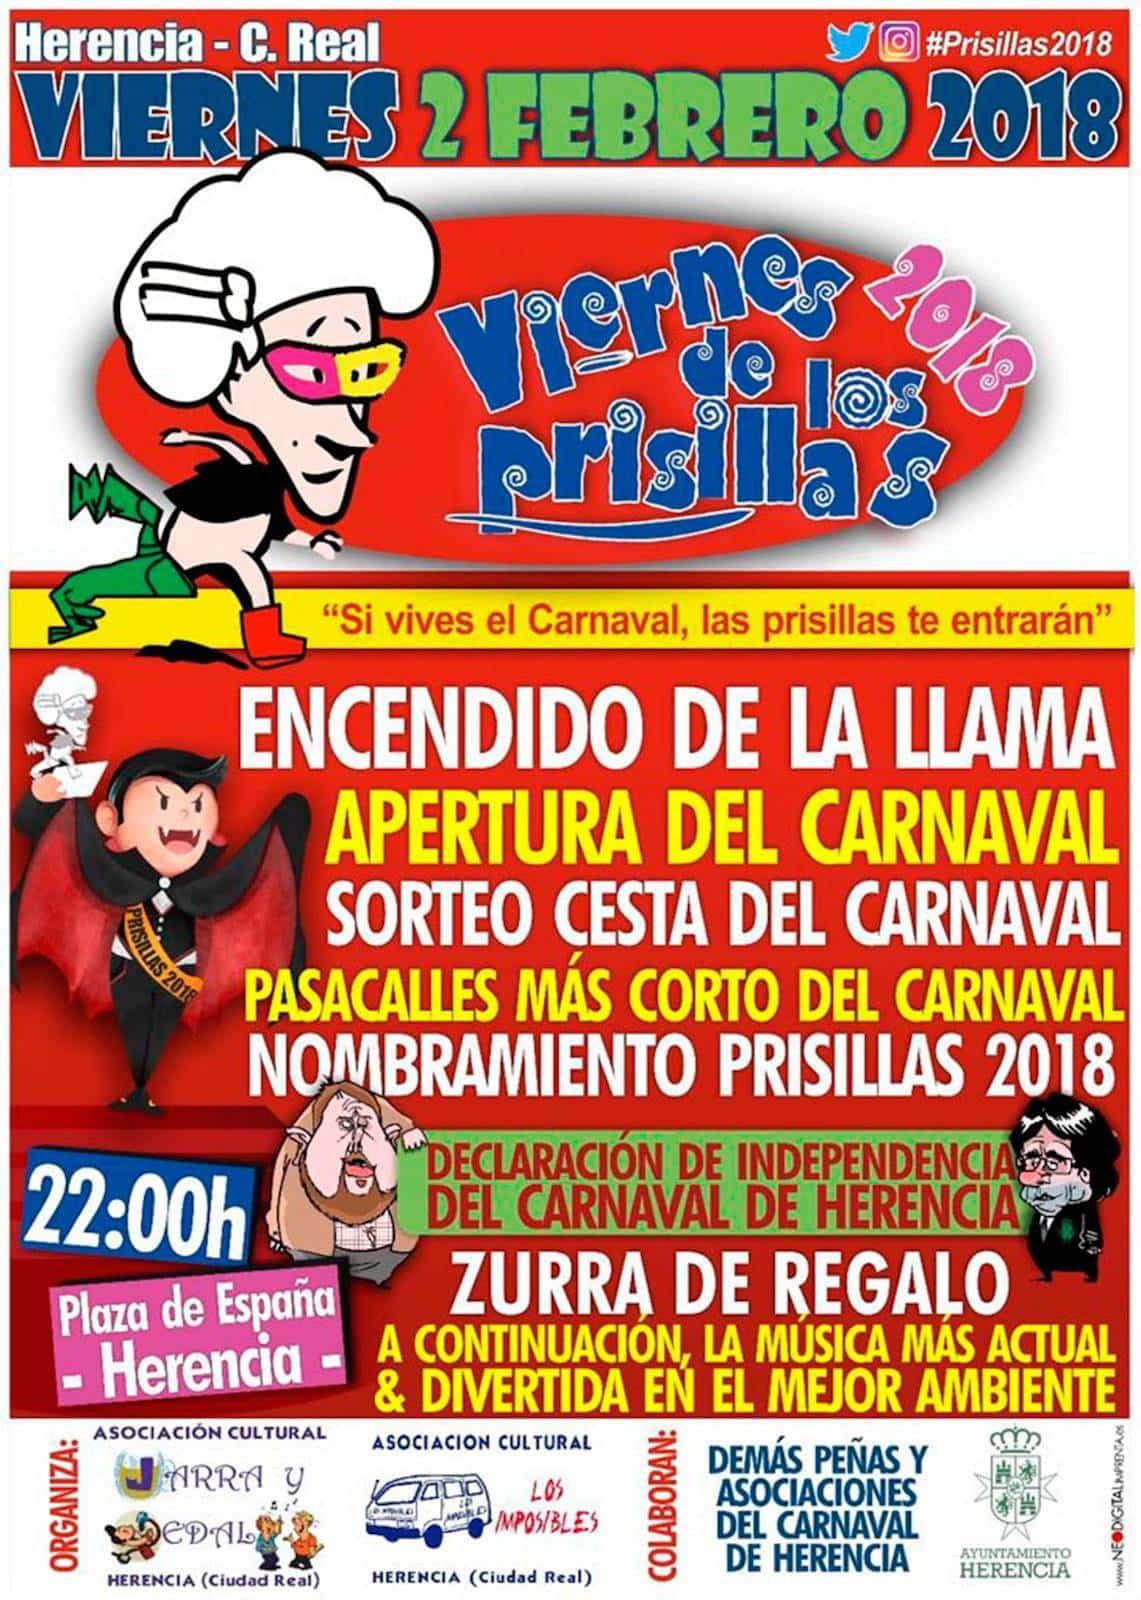 virnes prisillas 2018 - Viernes de Prisillas prepara la declaración de independencia del Carnaval